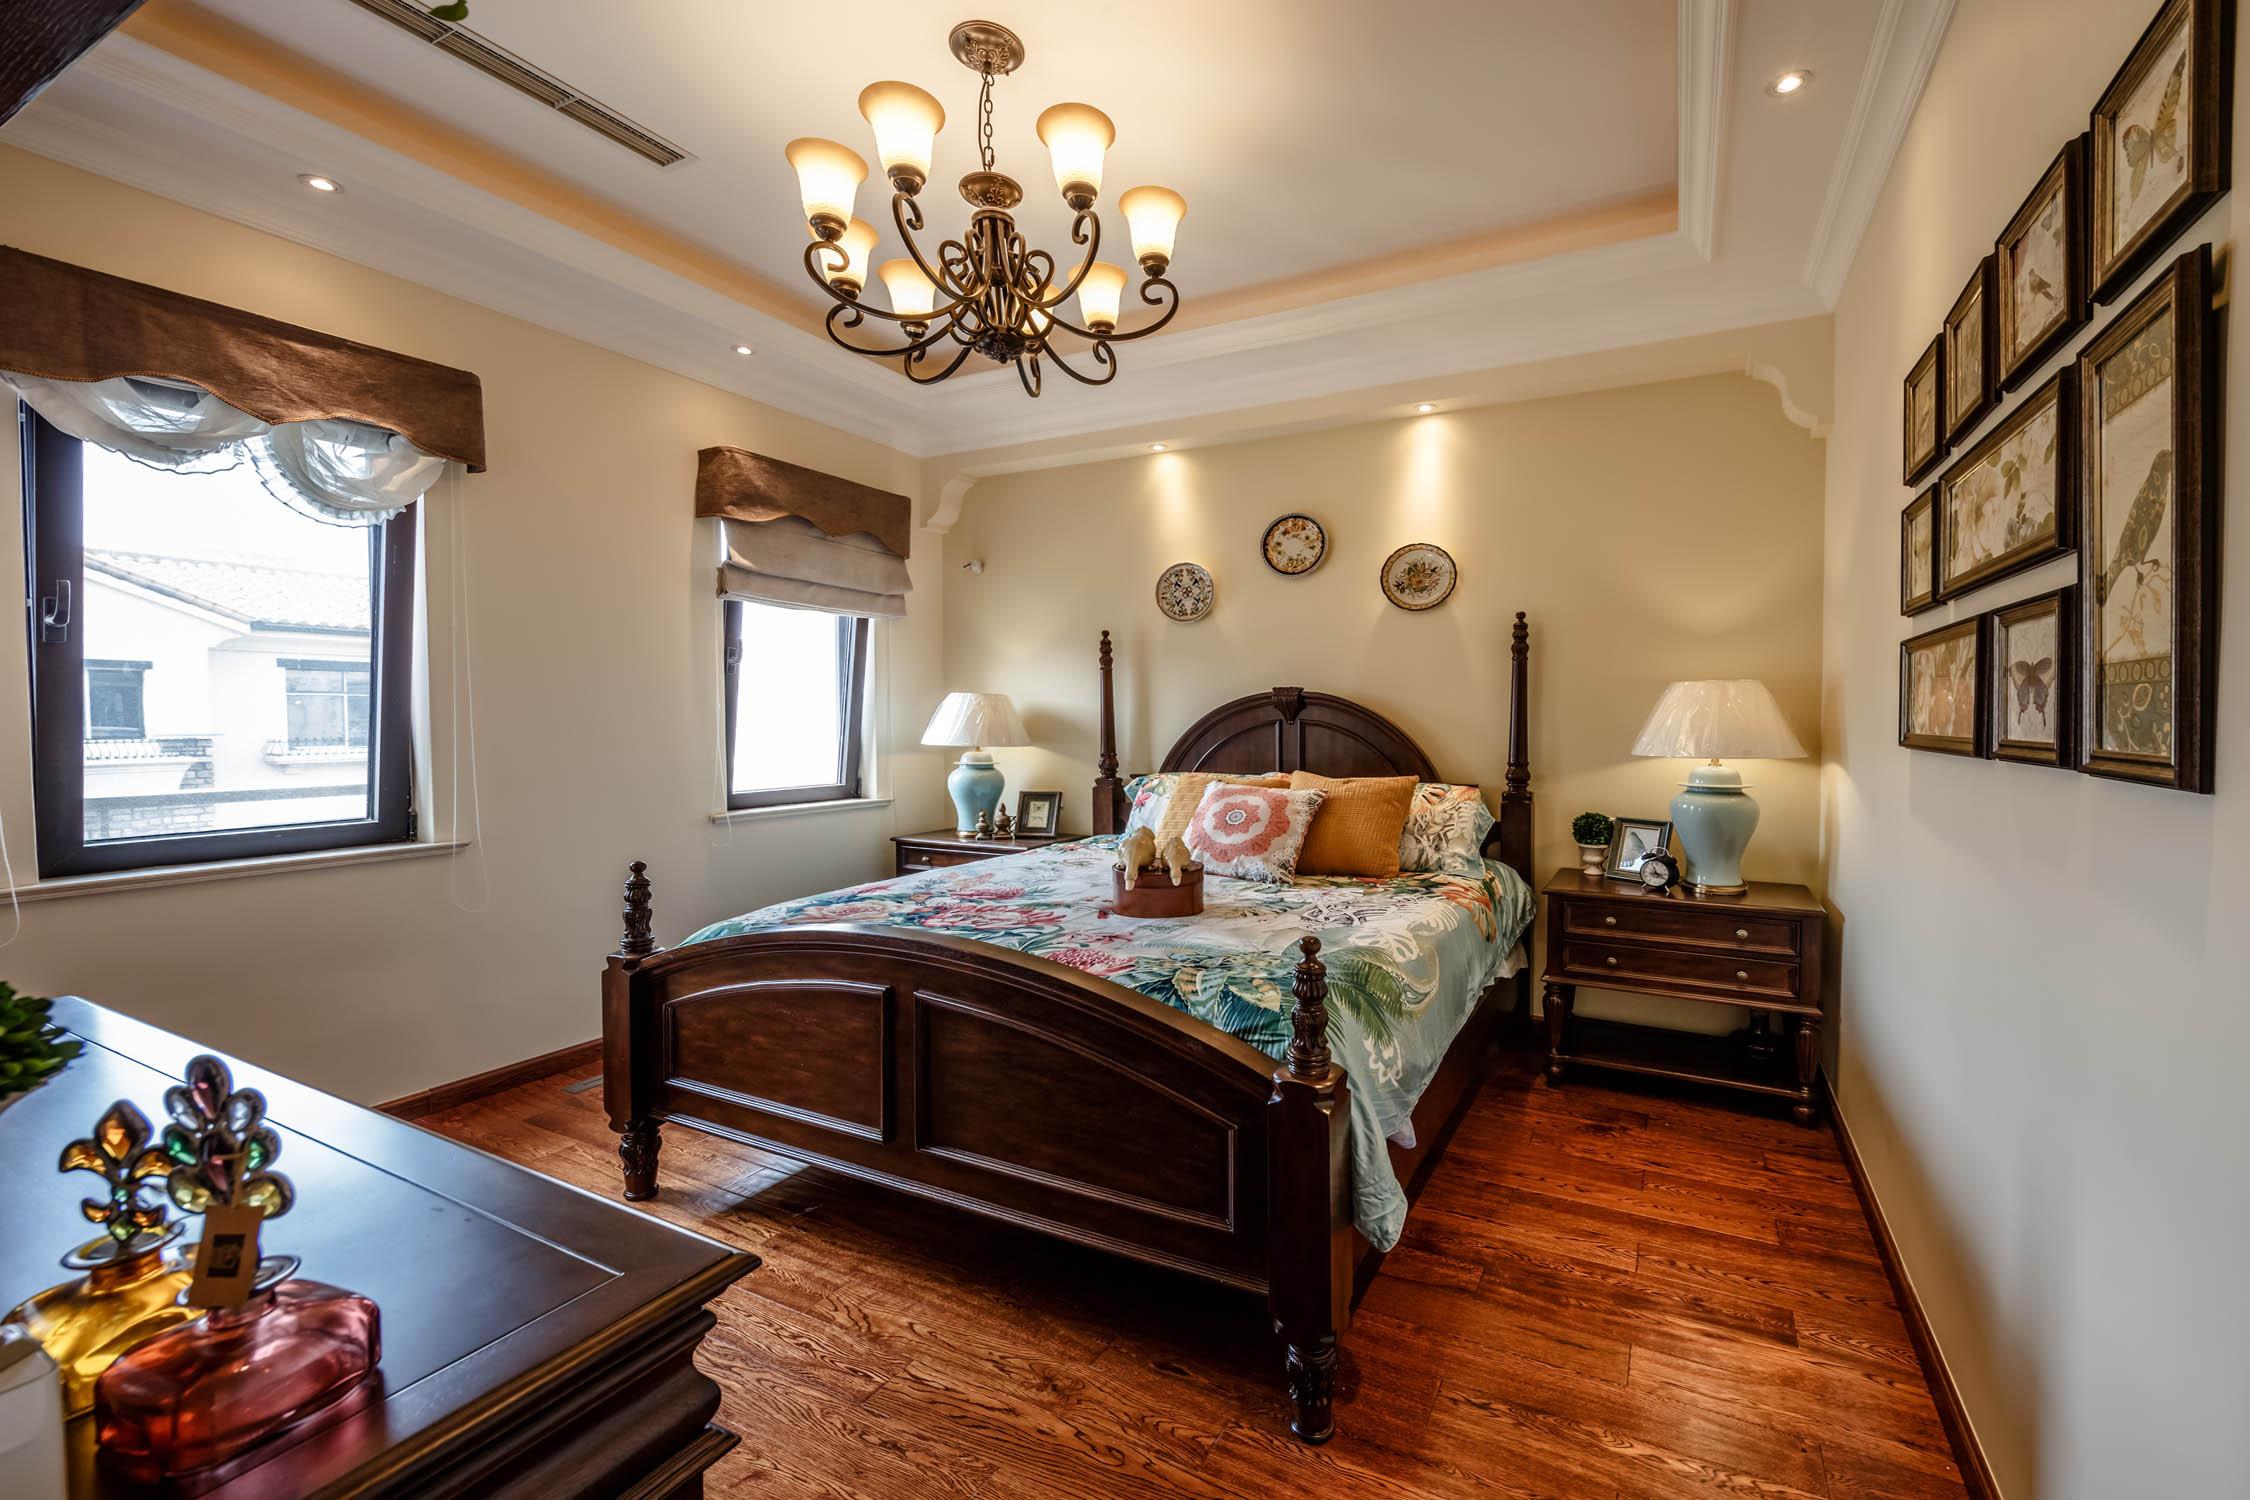 地中海风格别墅装修卧室搭配图